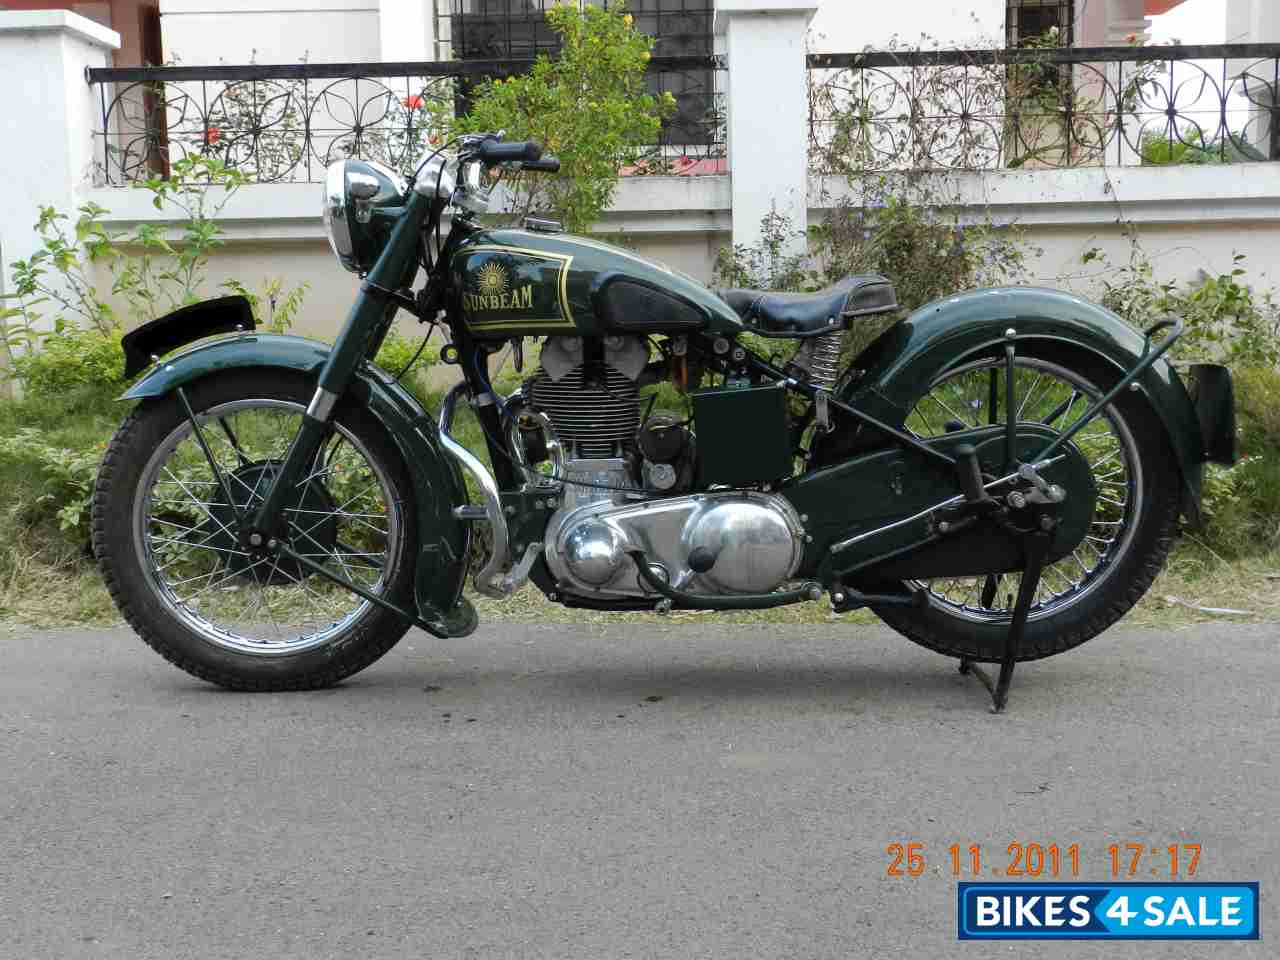 Green Vintage Bike Sunbeam Motorcycle 1939 Model B24 350cc